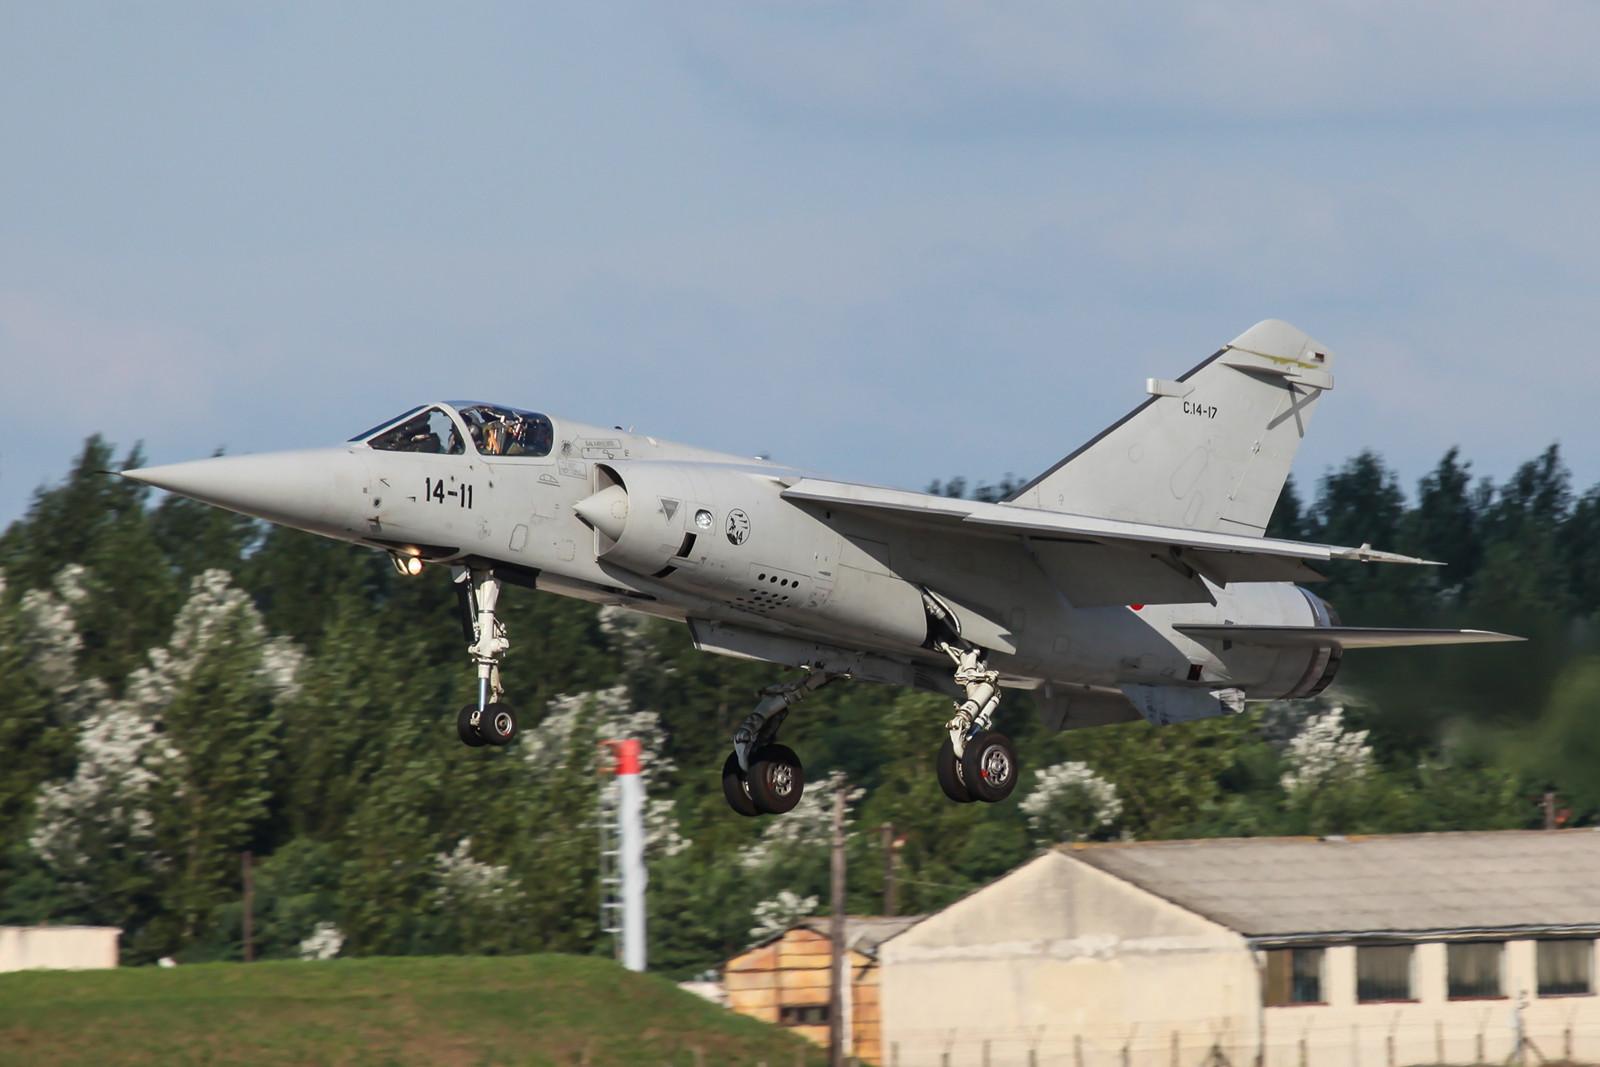 C.14-17, Mirage F-1M, die aus einer F-1C der ersten Lieferung aus Frankreich stammt. Landung in Kesckemet in Ungarn im August 2010.